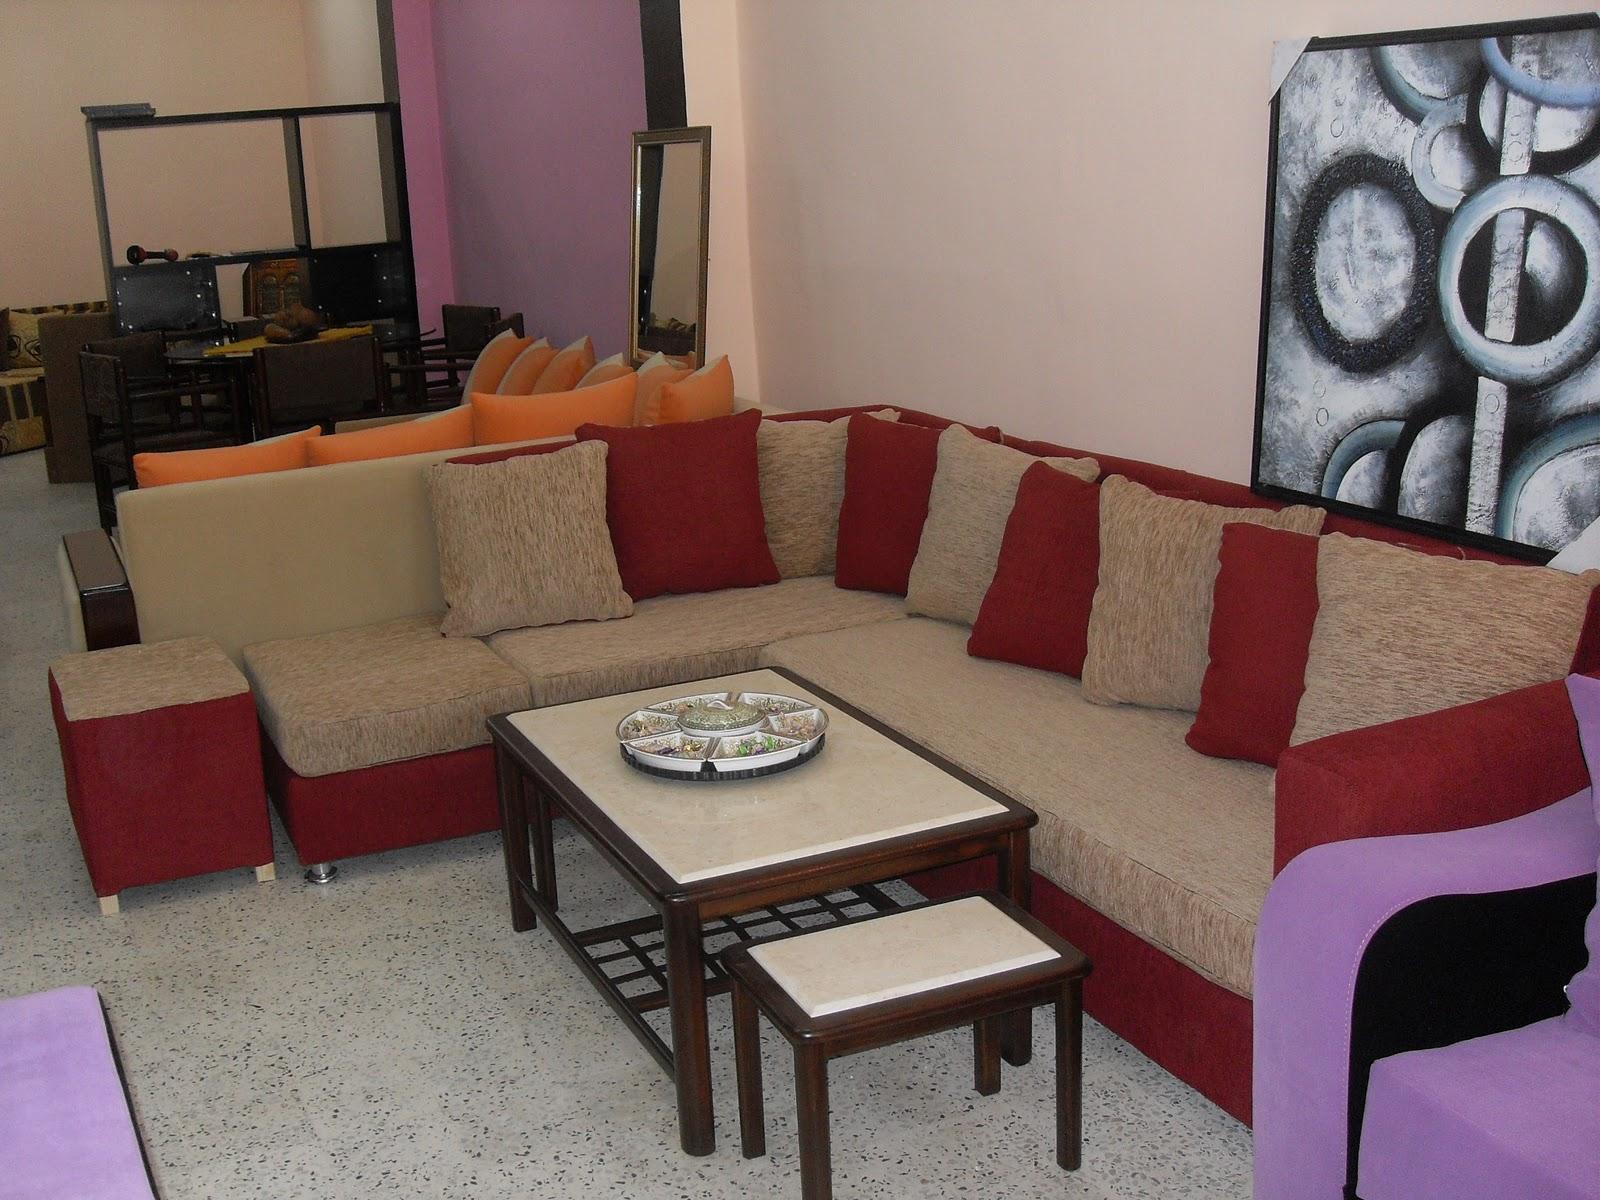 salon beige et noir fabulous salon bois et noir tapis salon bois id es sur le thme salons salon. Black Bedroom Furniture Sets. Home Design Ideas